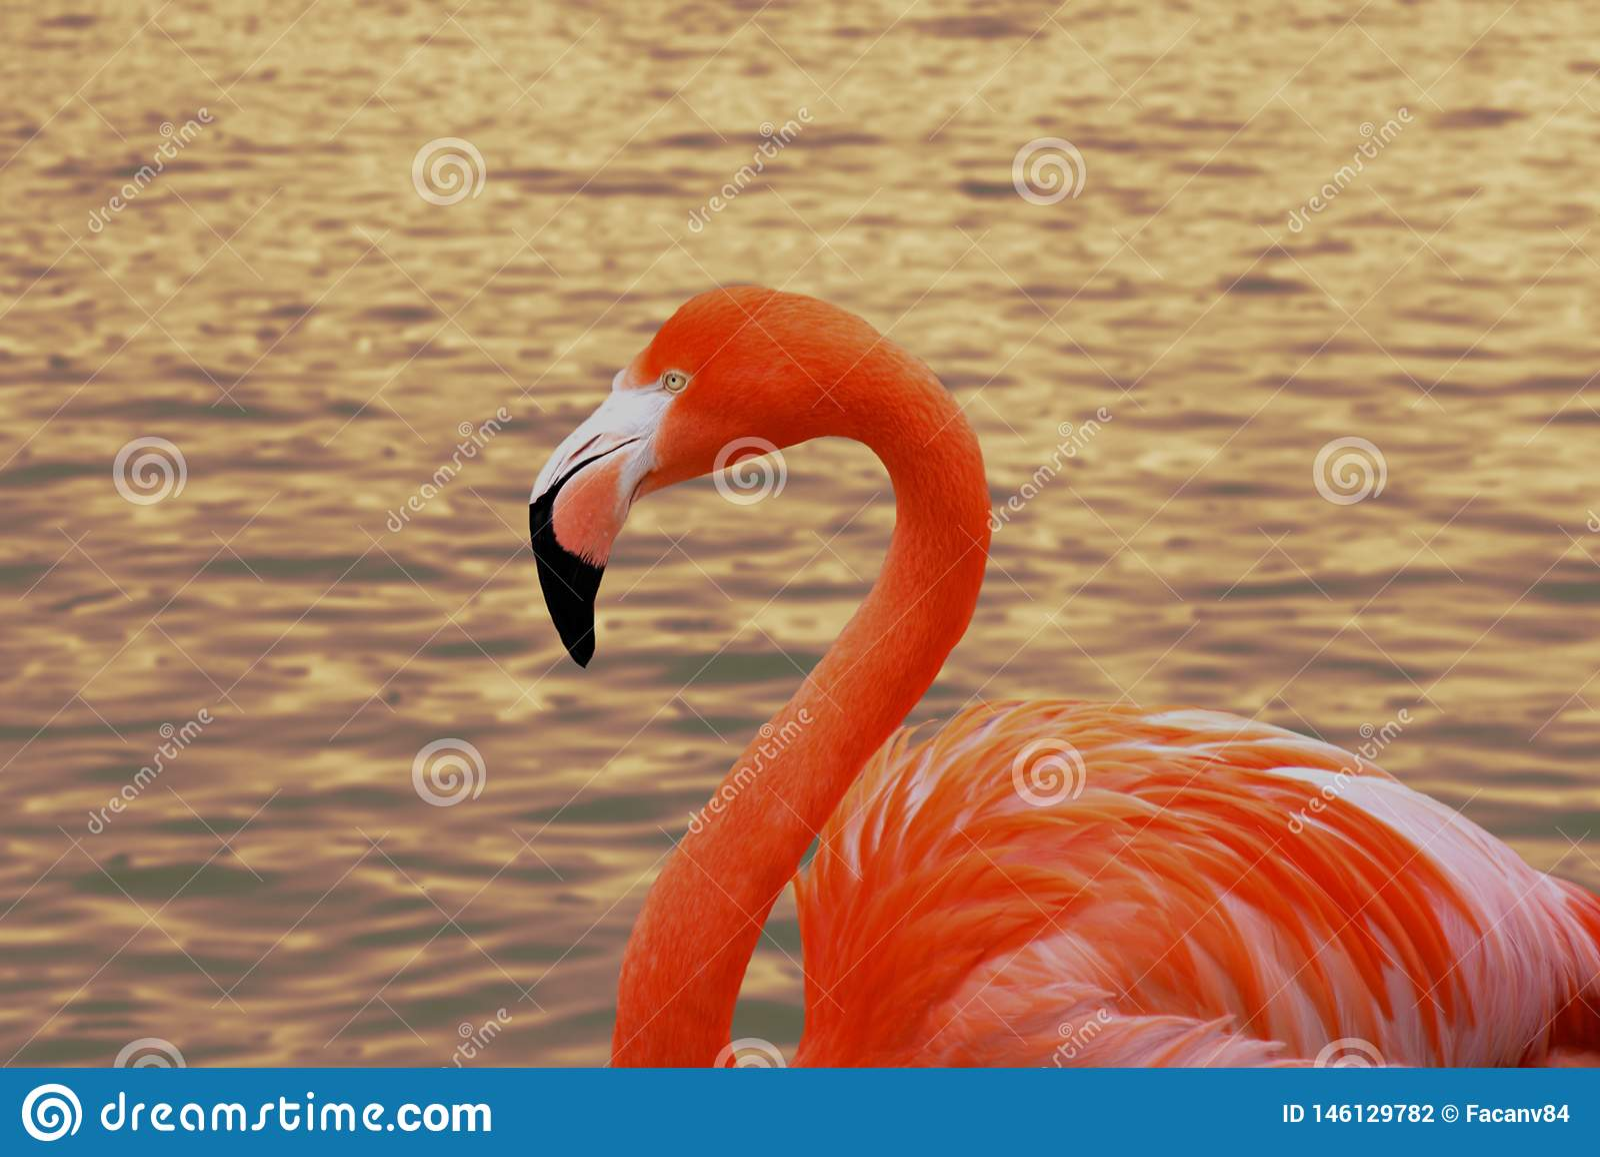 Portrait de flamant de la fin  L oiseau a plaisir à nager sur l eau Une réflexion merveilleuse du coucher du soleil à l arrière-p